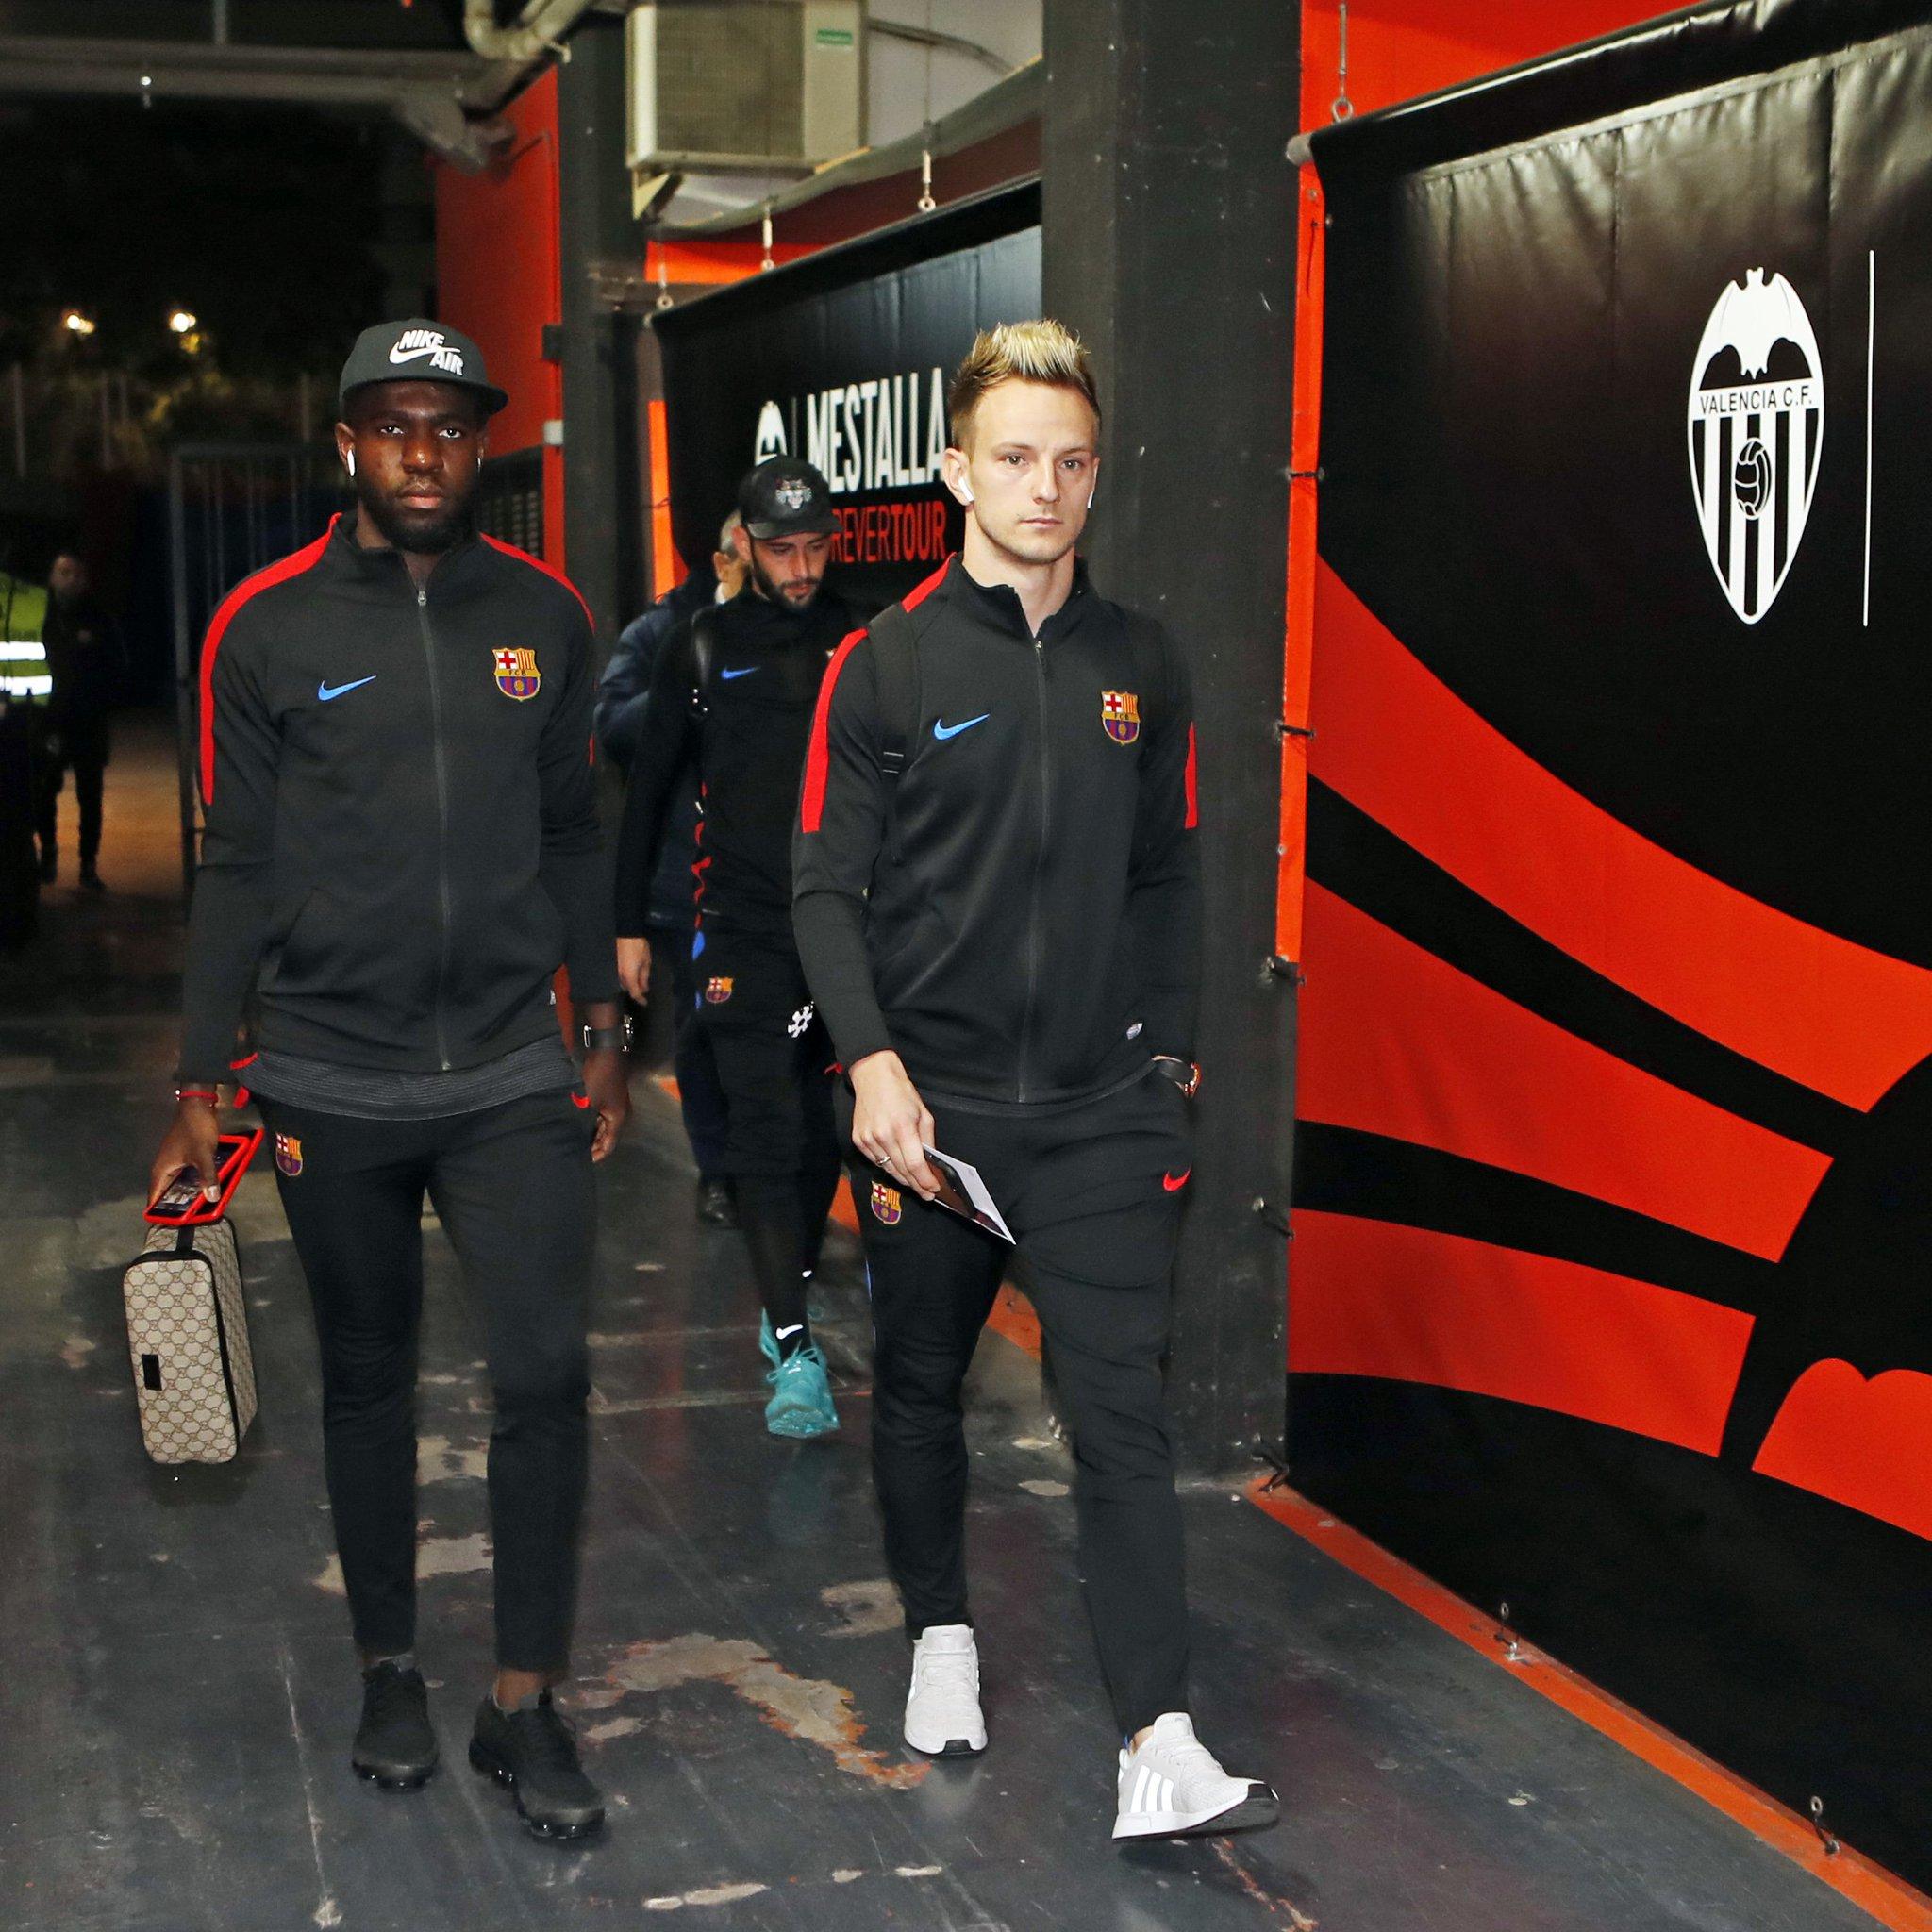 ゚ヤᆬ Matchday!!! ¬レᄑ Valencia v FC Barcelona ゚ユ゚ 9.30 pm CET ゚マニ Copa del Rey ゚モヘ Mestalla ゚モᄇ #CopaBarᅢᄃa ゚ヤᄉ゚ヤᄡ #ForᅢᄃaBarᅢᄃa https://t.co/UlEF05IX5I